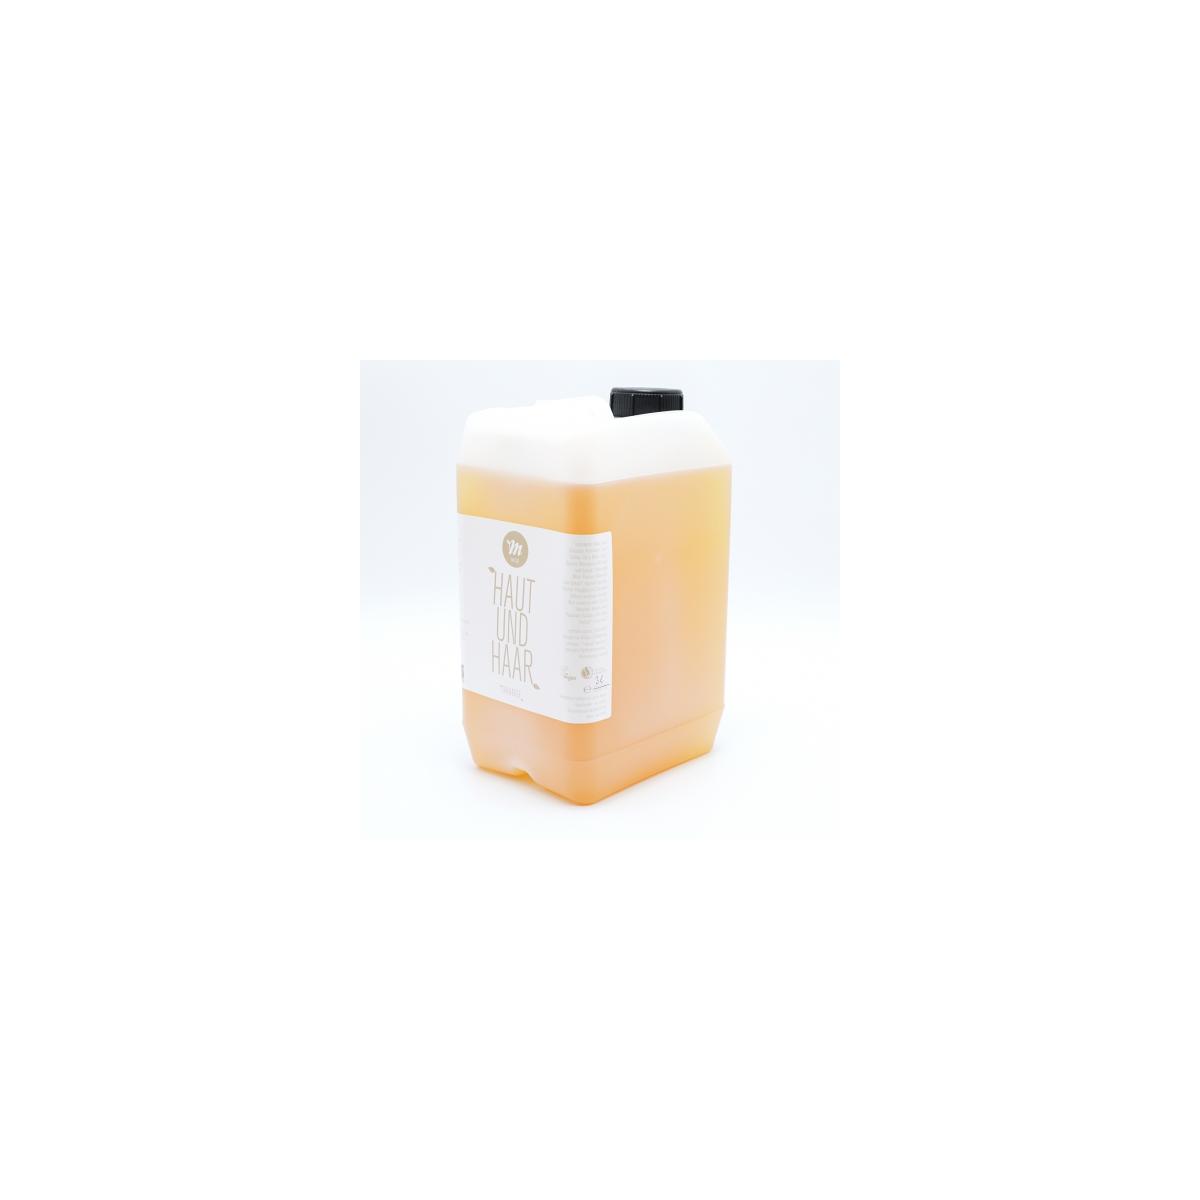 Uni Sapon Haut und Haar Duschpflege 3l